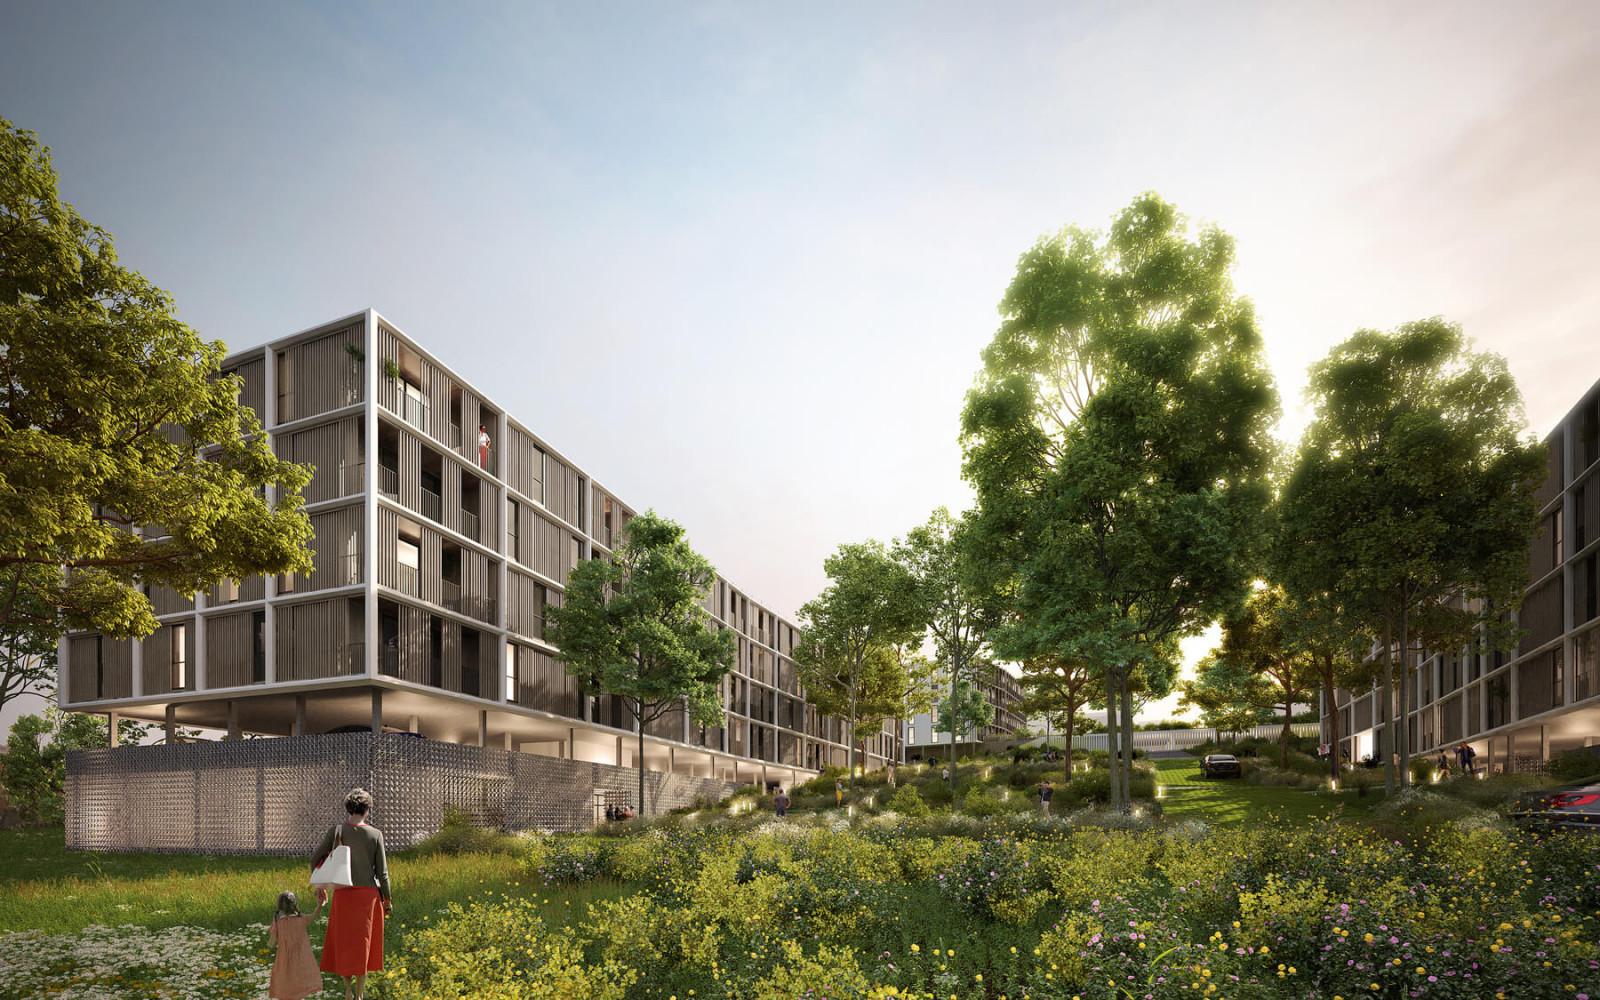 graam-coteaux-marne-01-logements-torcy-exterieur-rue-parc